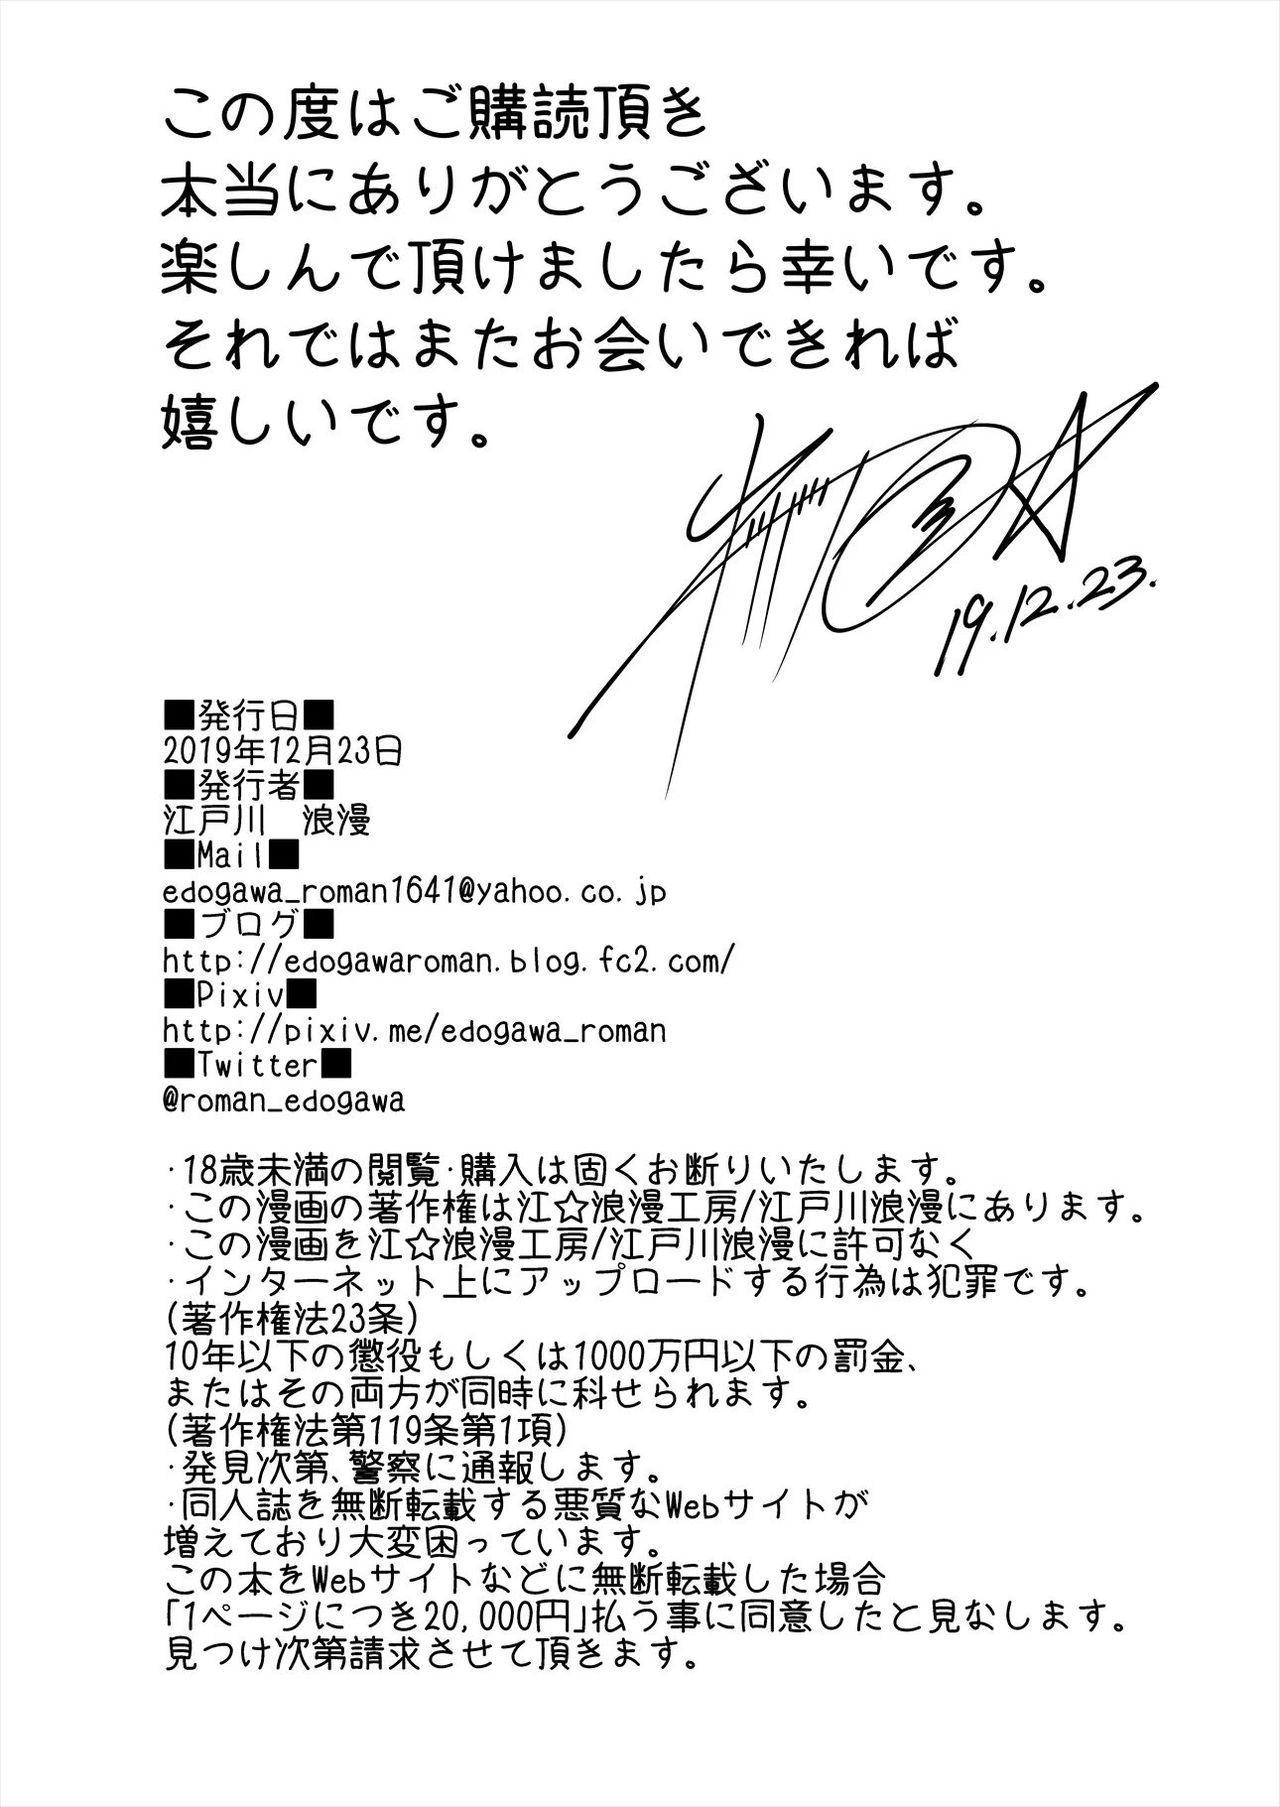 Hoka no Otoko to Kekkon Shitara Anata no Kodane Kureru? 70